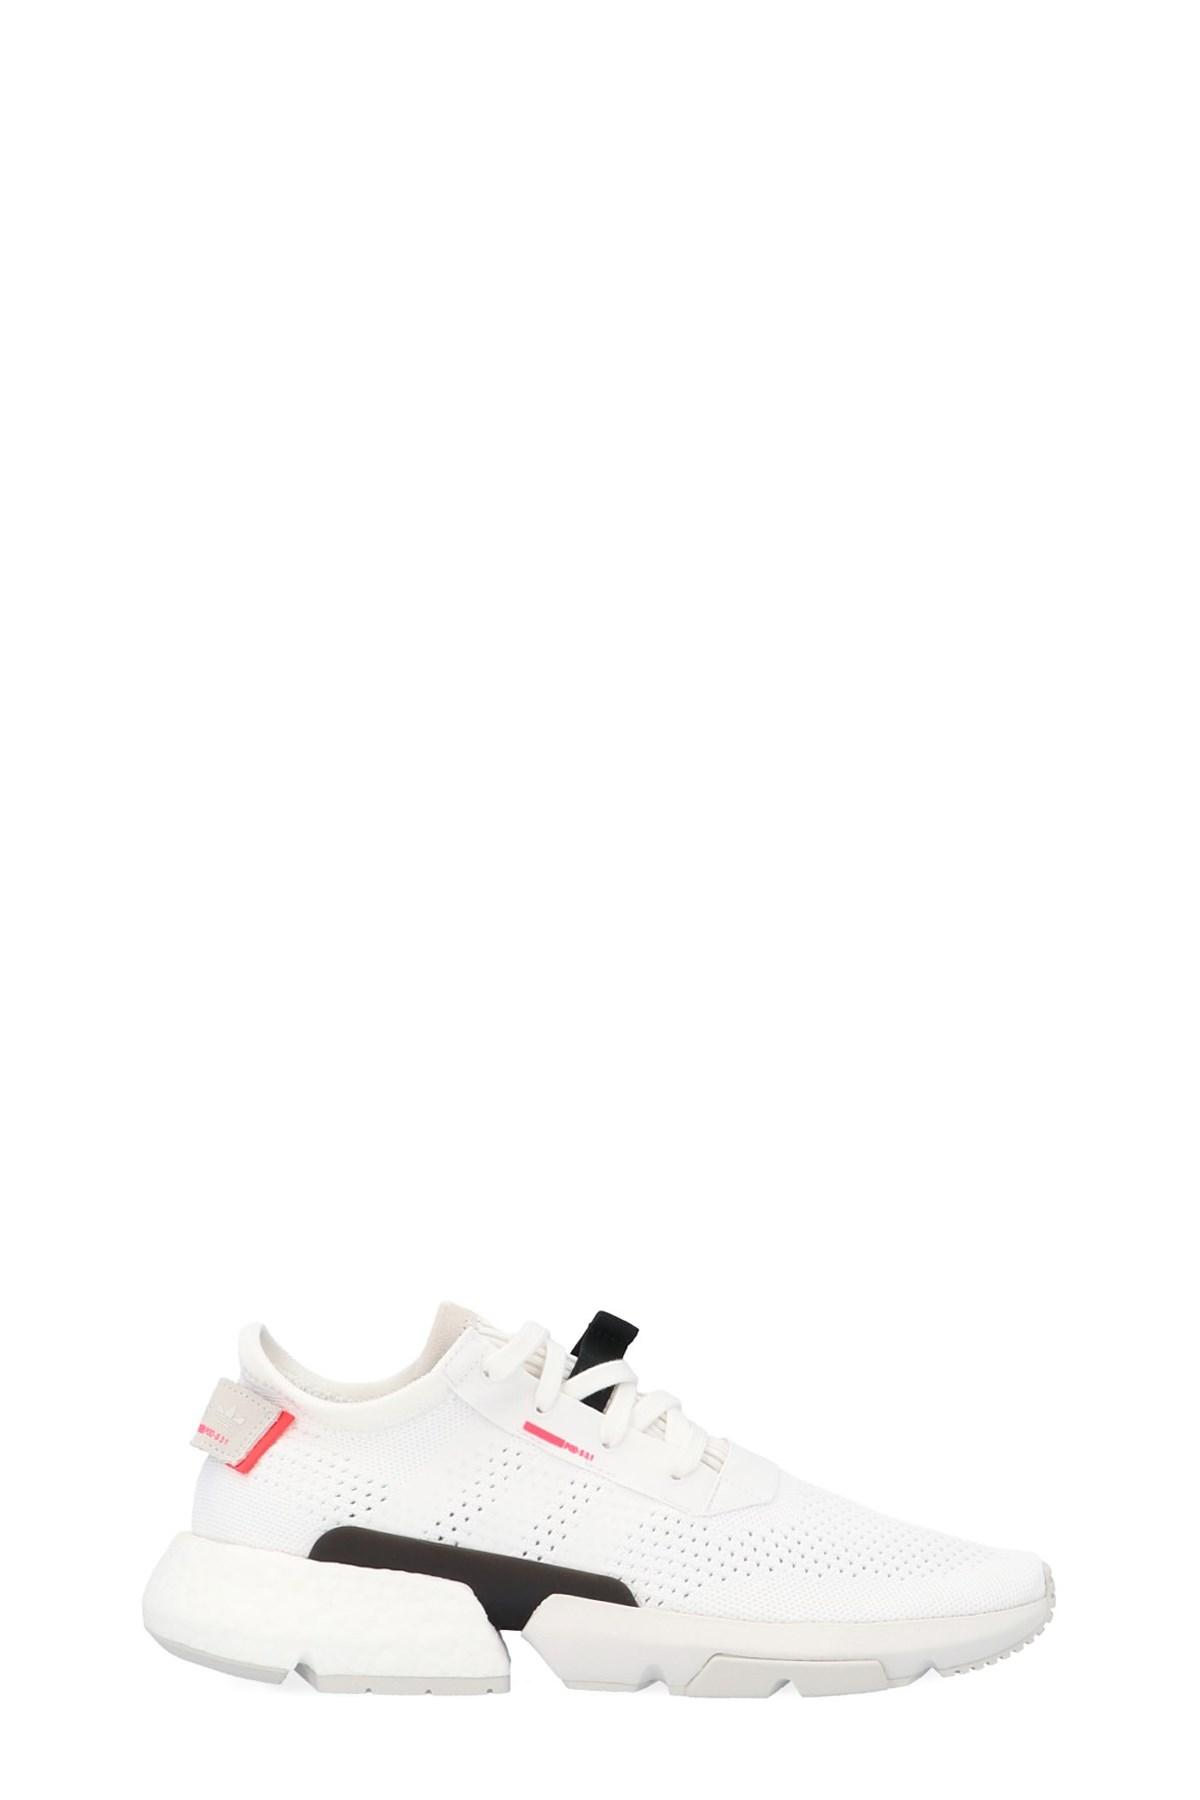 newest a720e 8fd26 adidas Originals